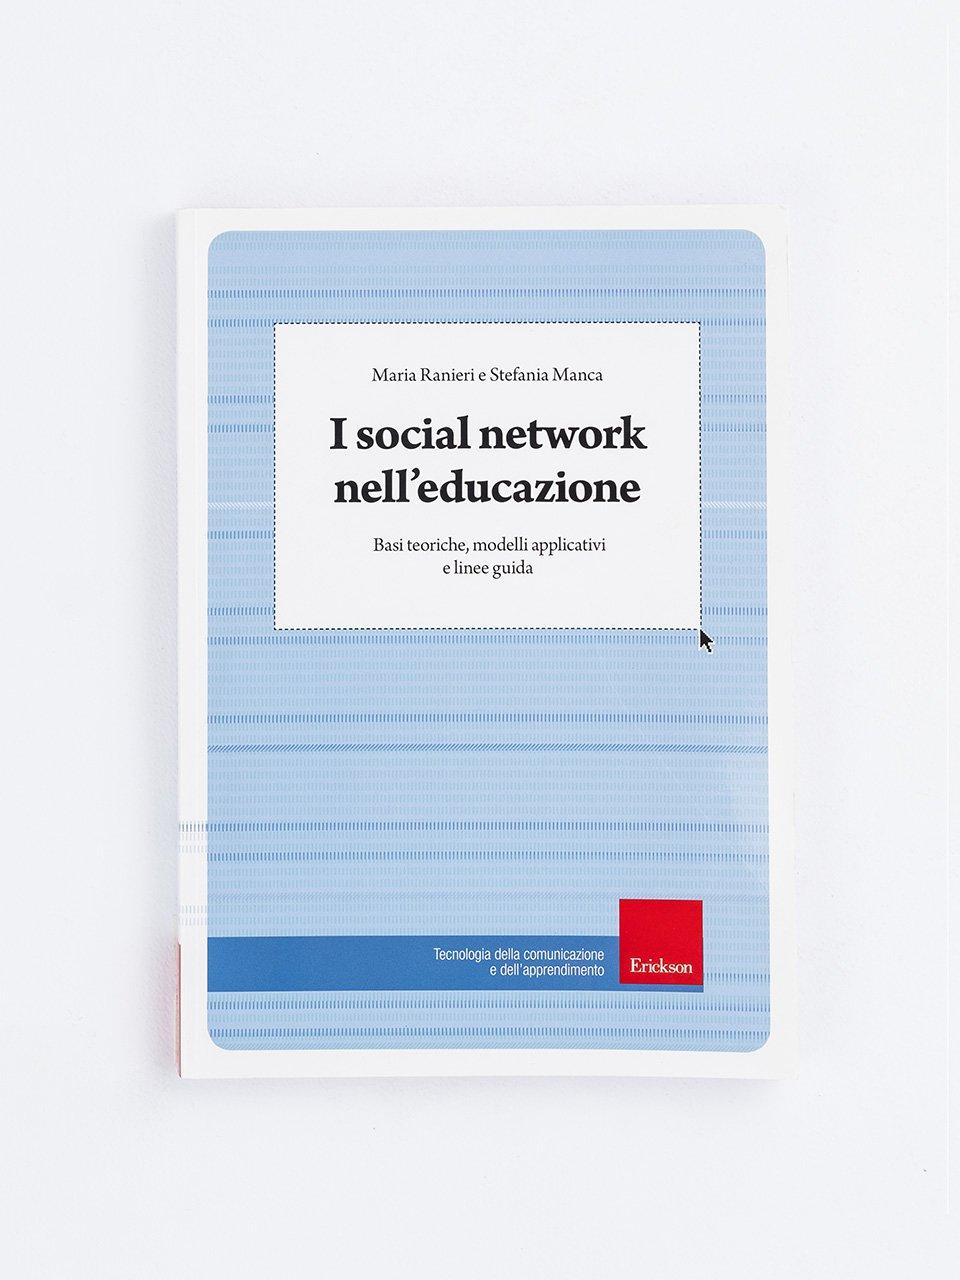 I social network nell'educazione - Insegnare domani Scuola Secondaria – Sostegno - Co - Formazione - Erickson